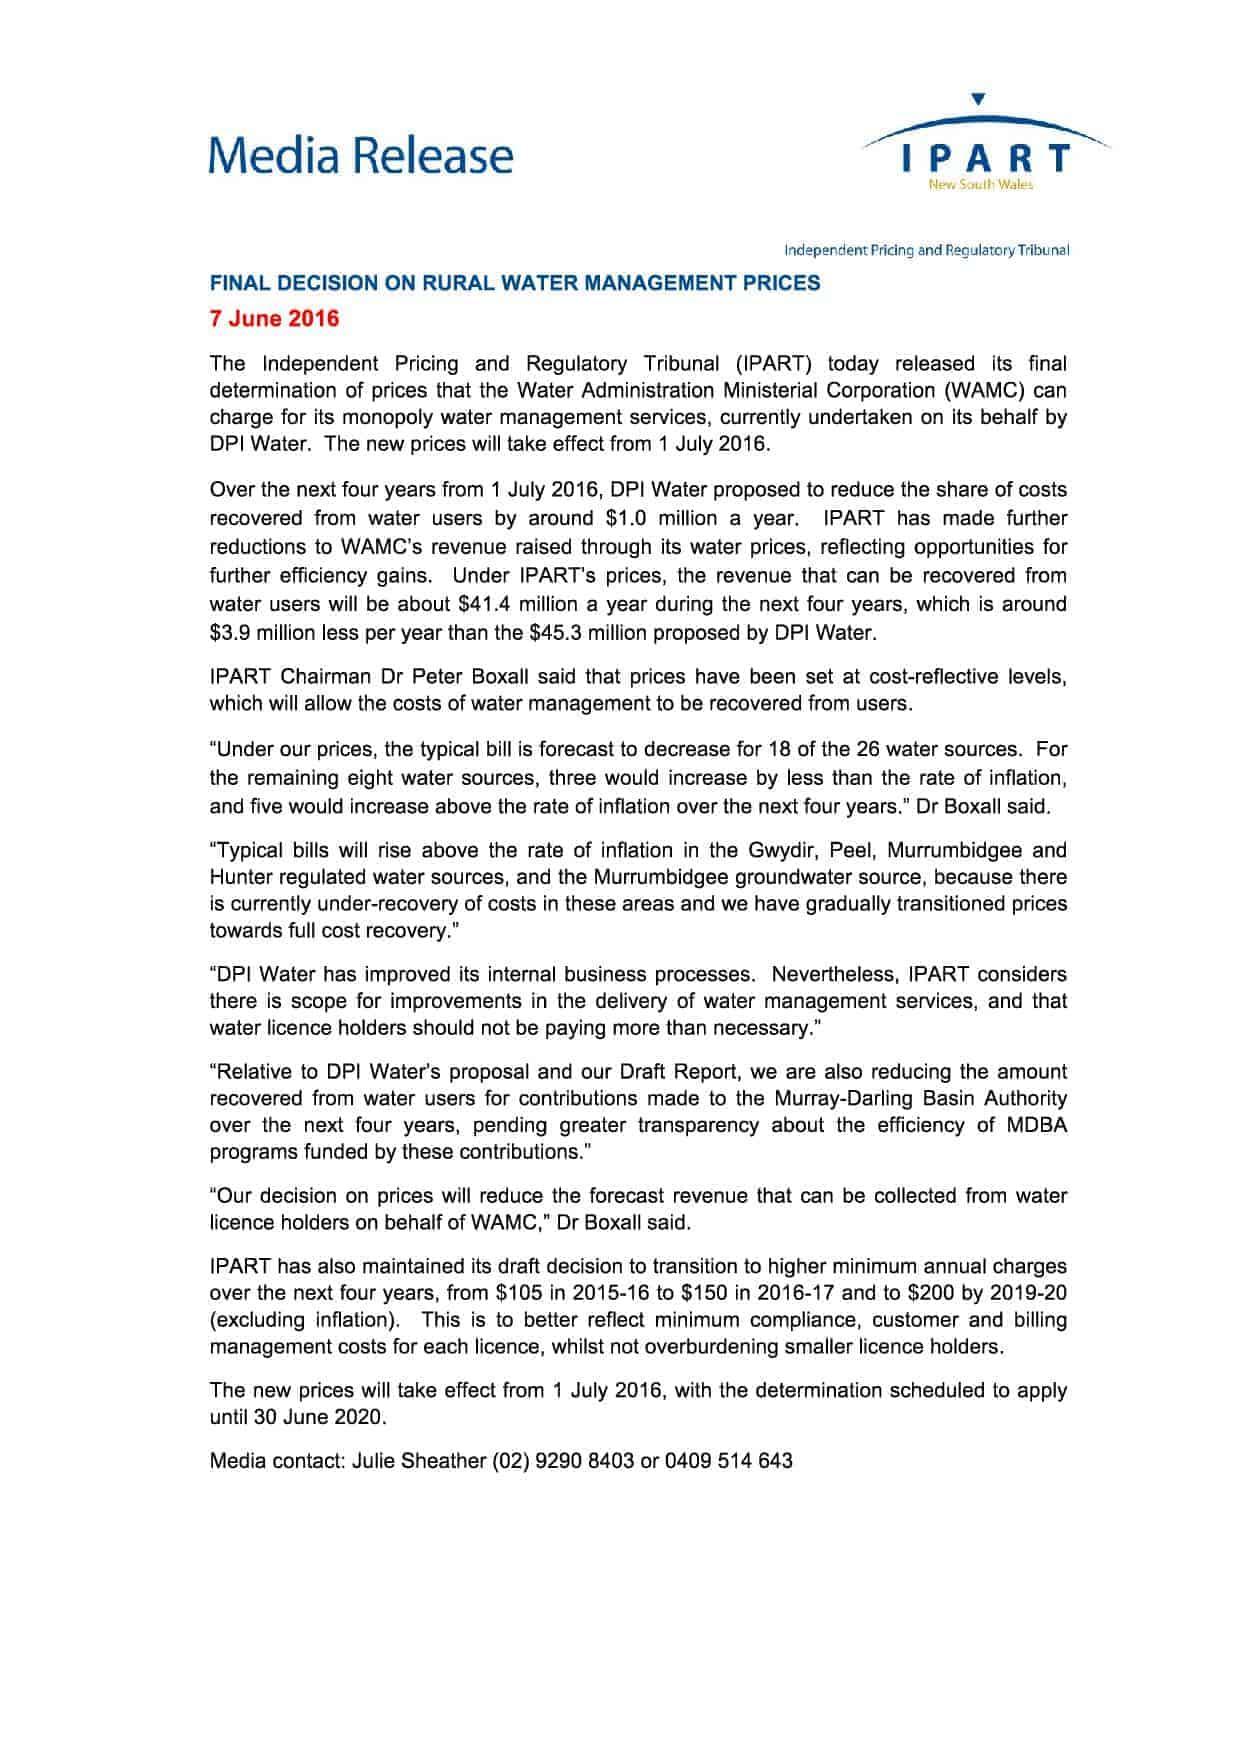 media_release_-_final_decision_on_rural...er_management_prices_-_7_june_2016